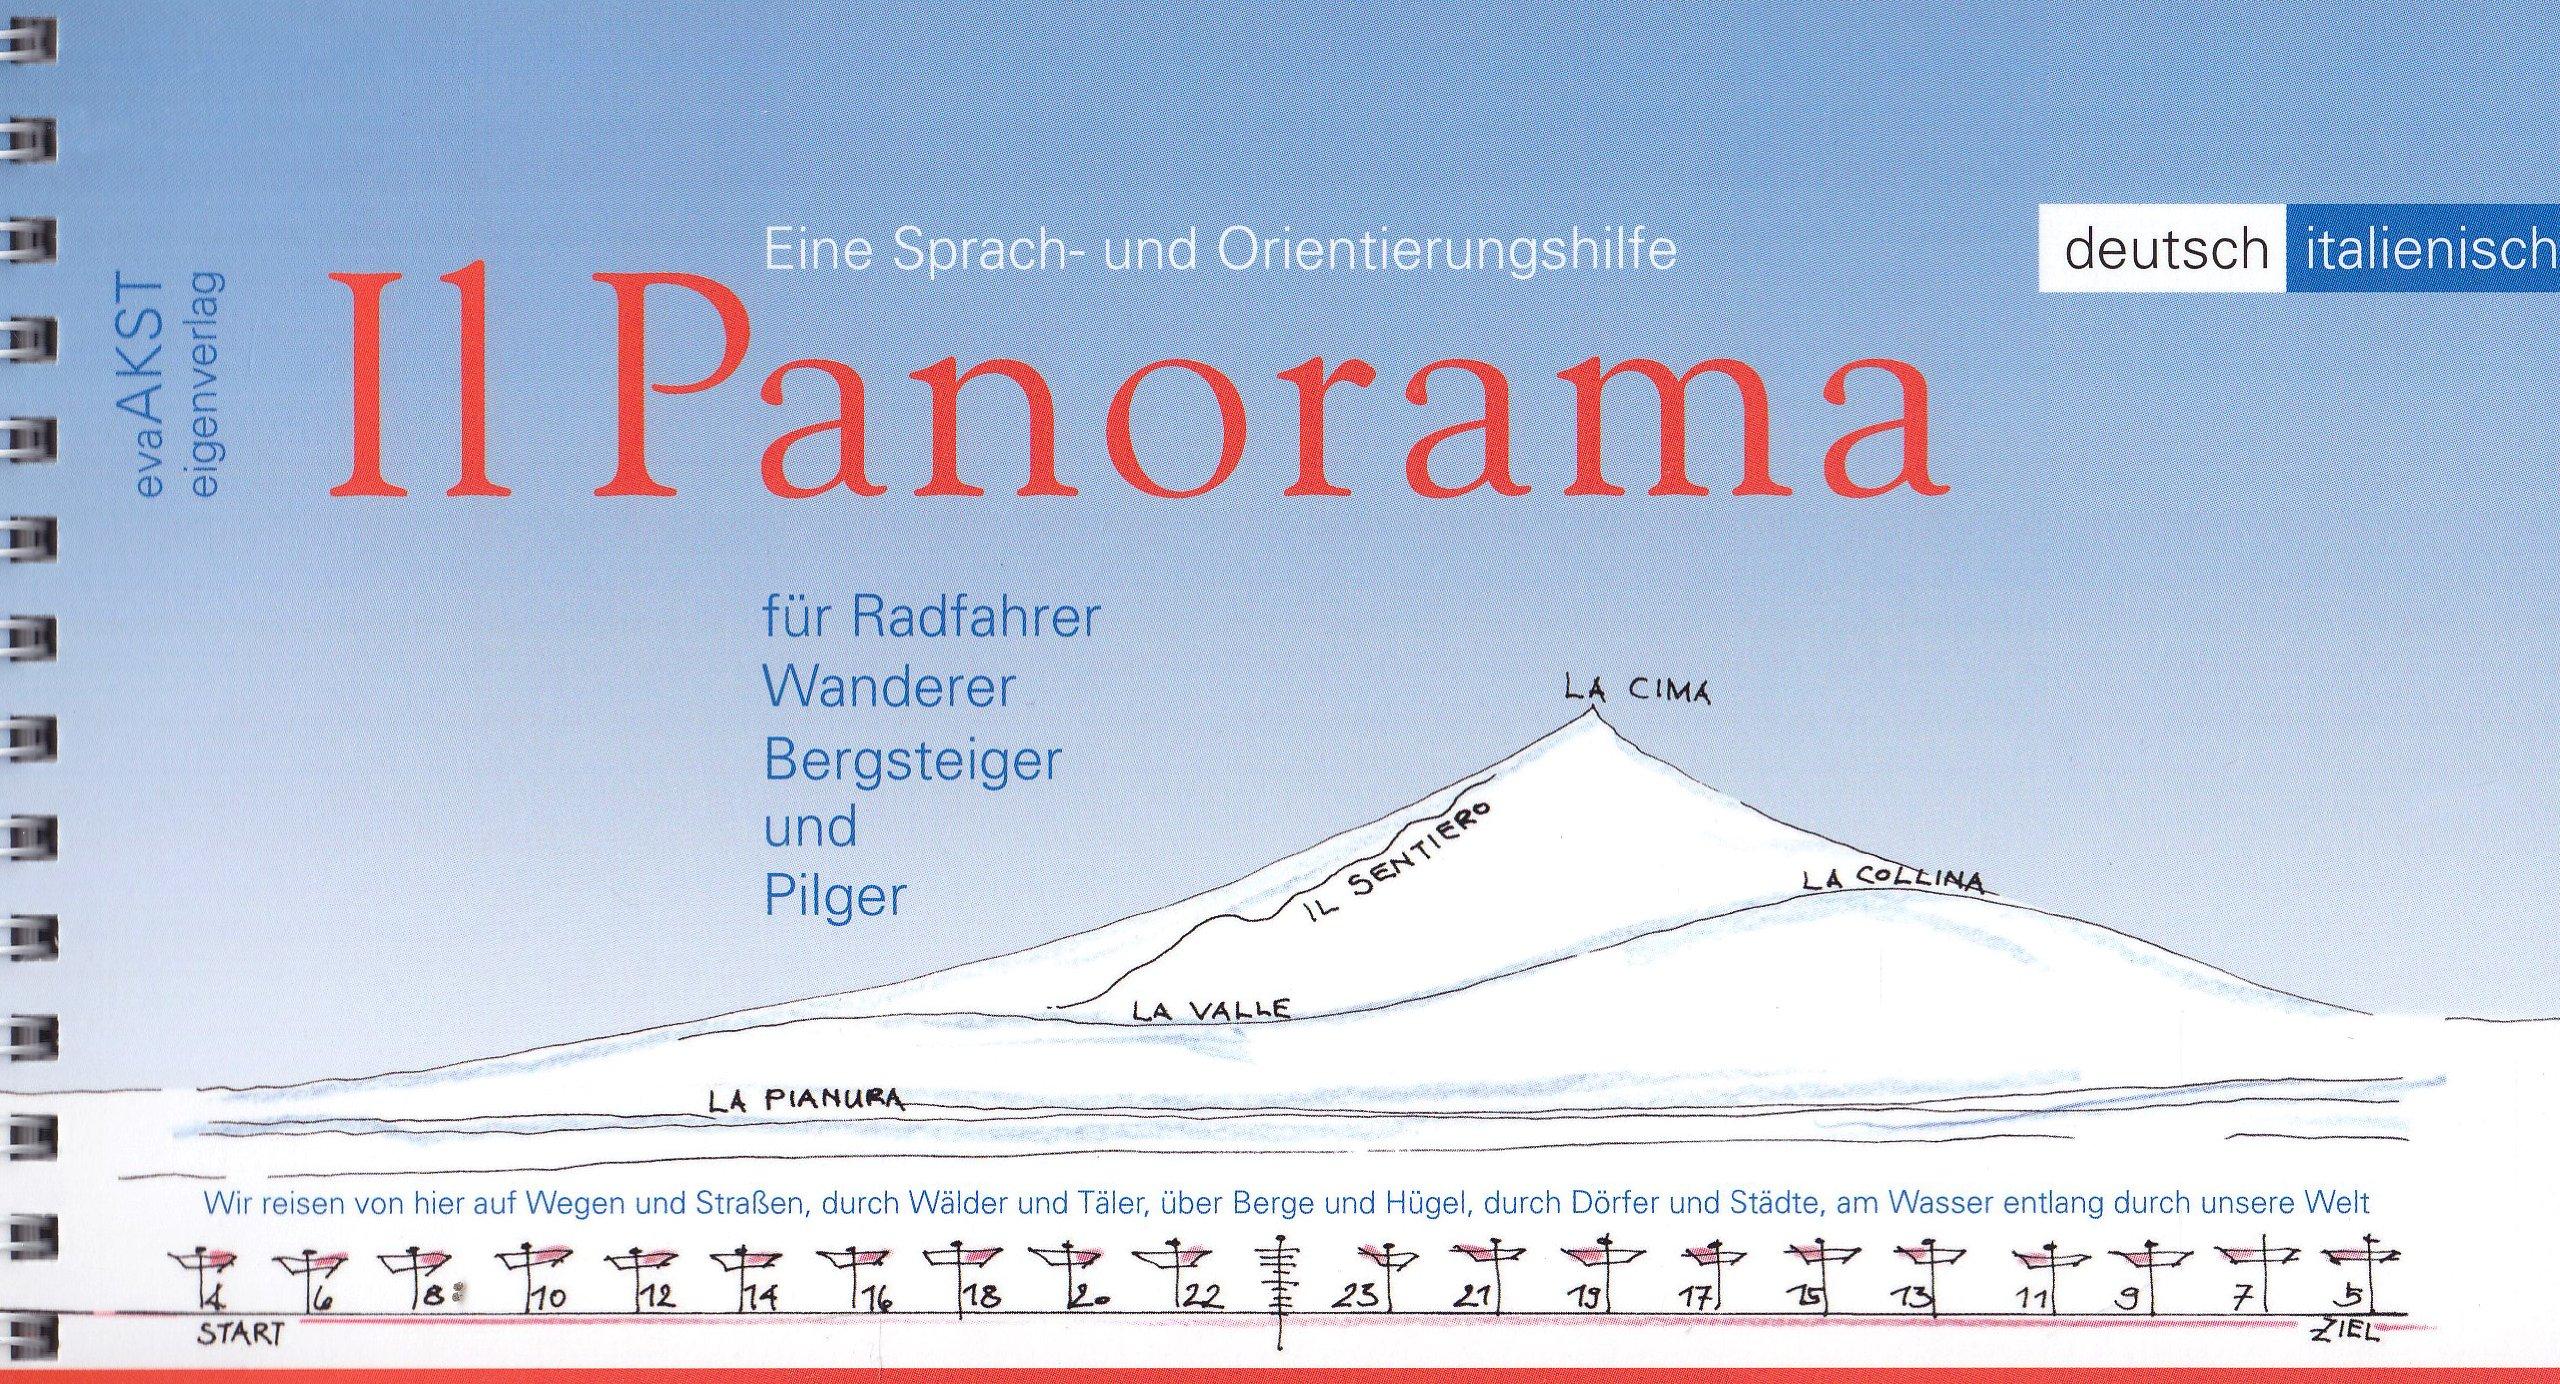 Il Panorama: Eine Sprach- und Orientierungshilfe für Radfahrer, Wanderer, Bergsteiger und Pilger. Dt. /Ital.